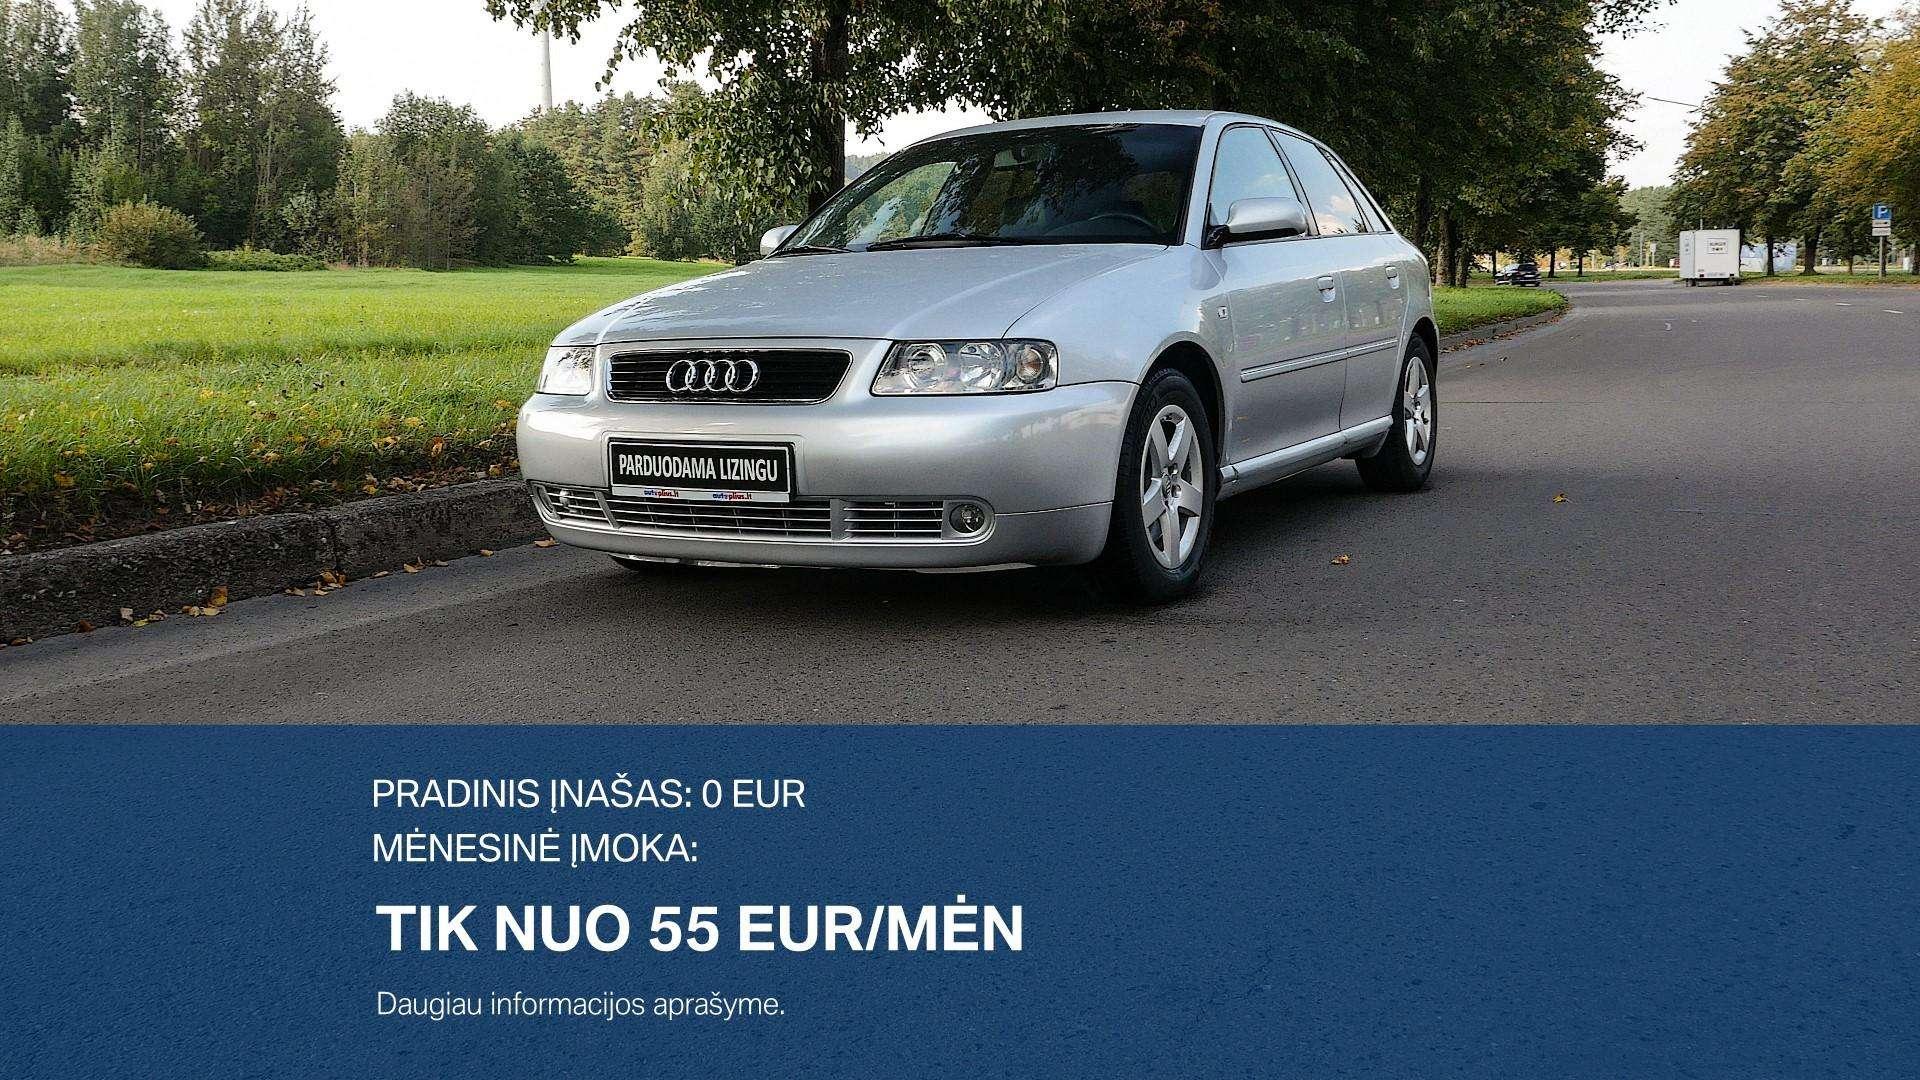 Audi A3 Išsimokėtinai nuo 55Eur/Mėn su 3 mėnesių garantija